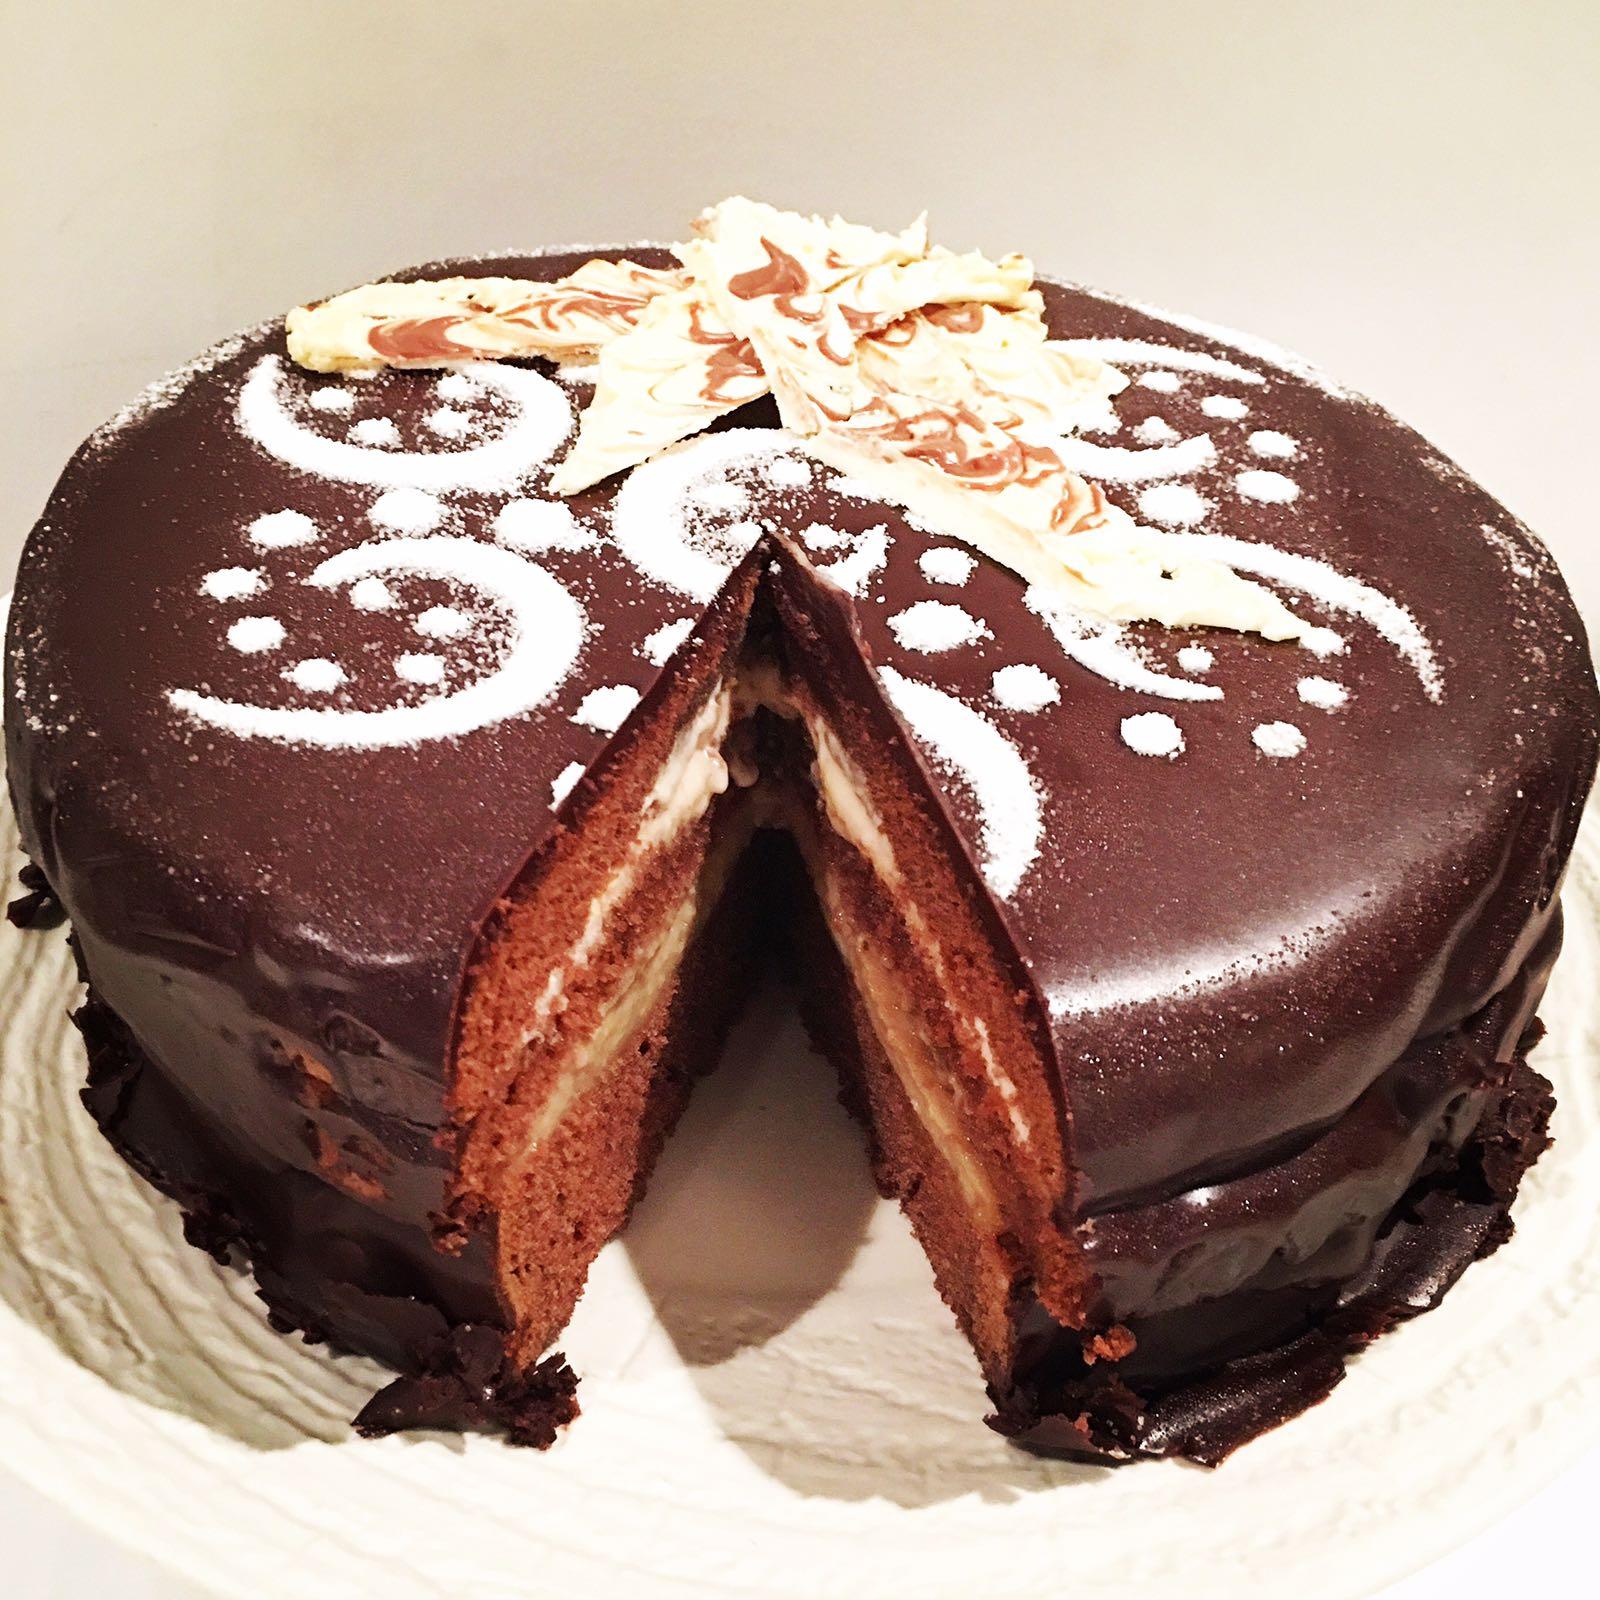 Tarta de chocolate con crema de café y dulce de leche.